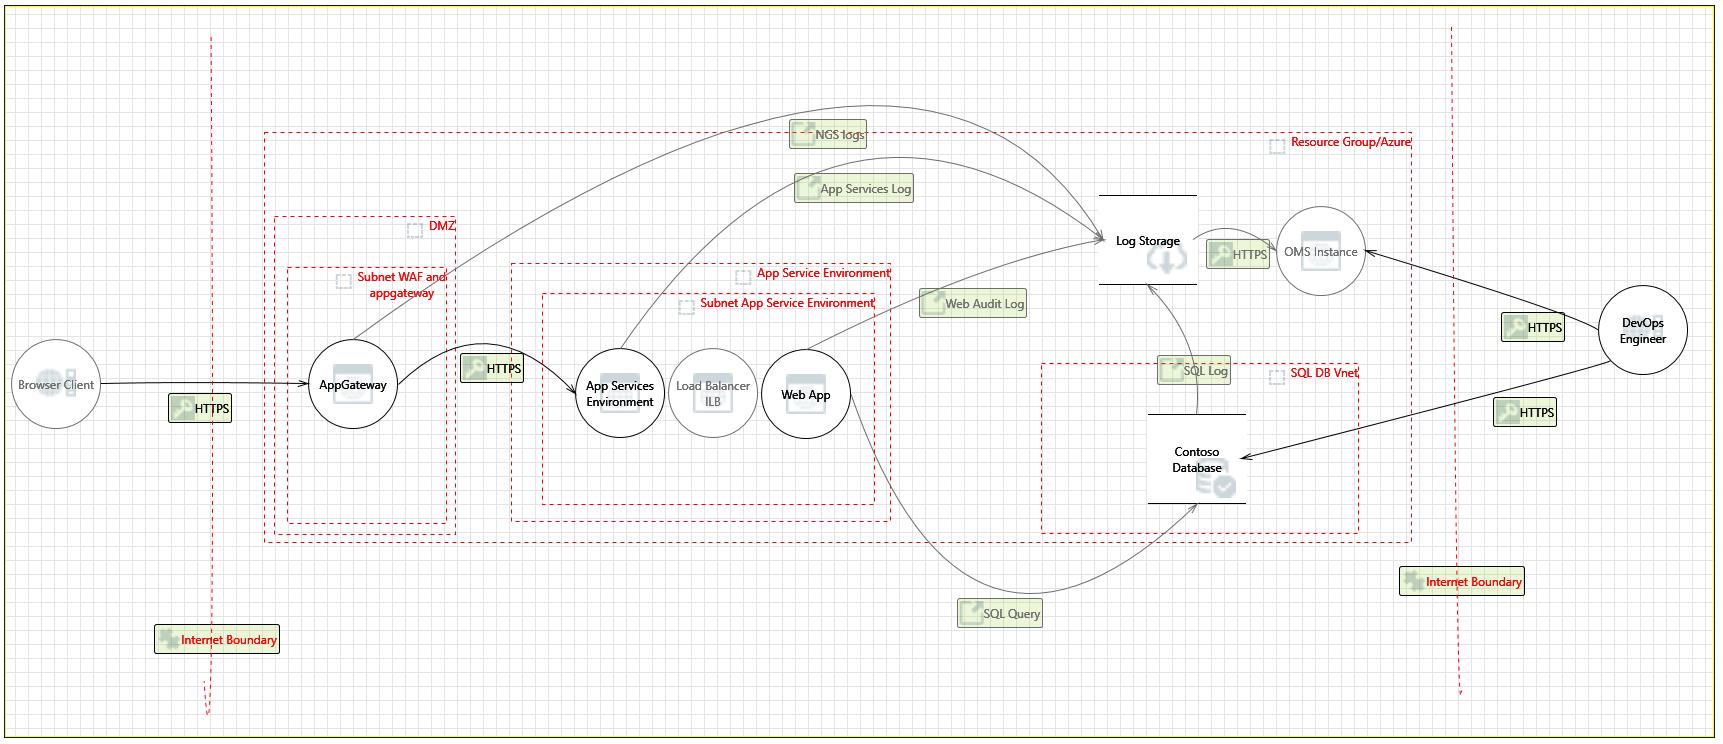 Azure Security and Compliance Blueprint: entornos de